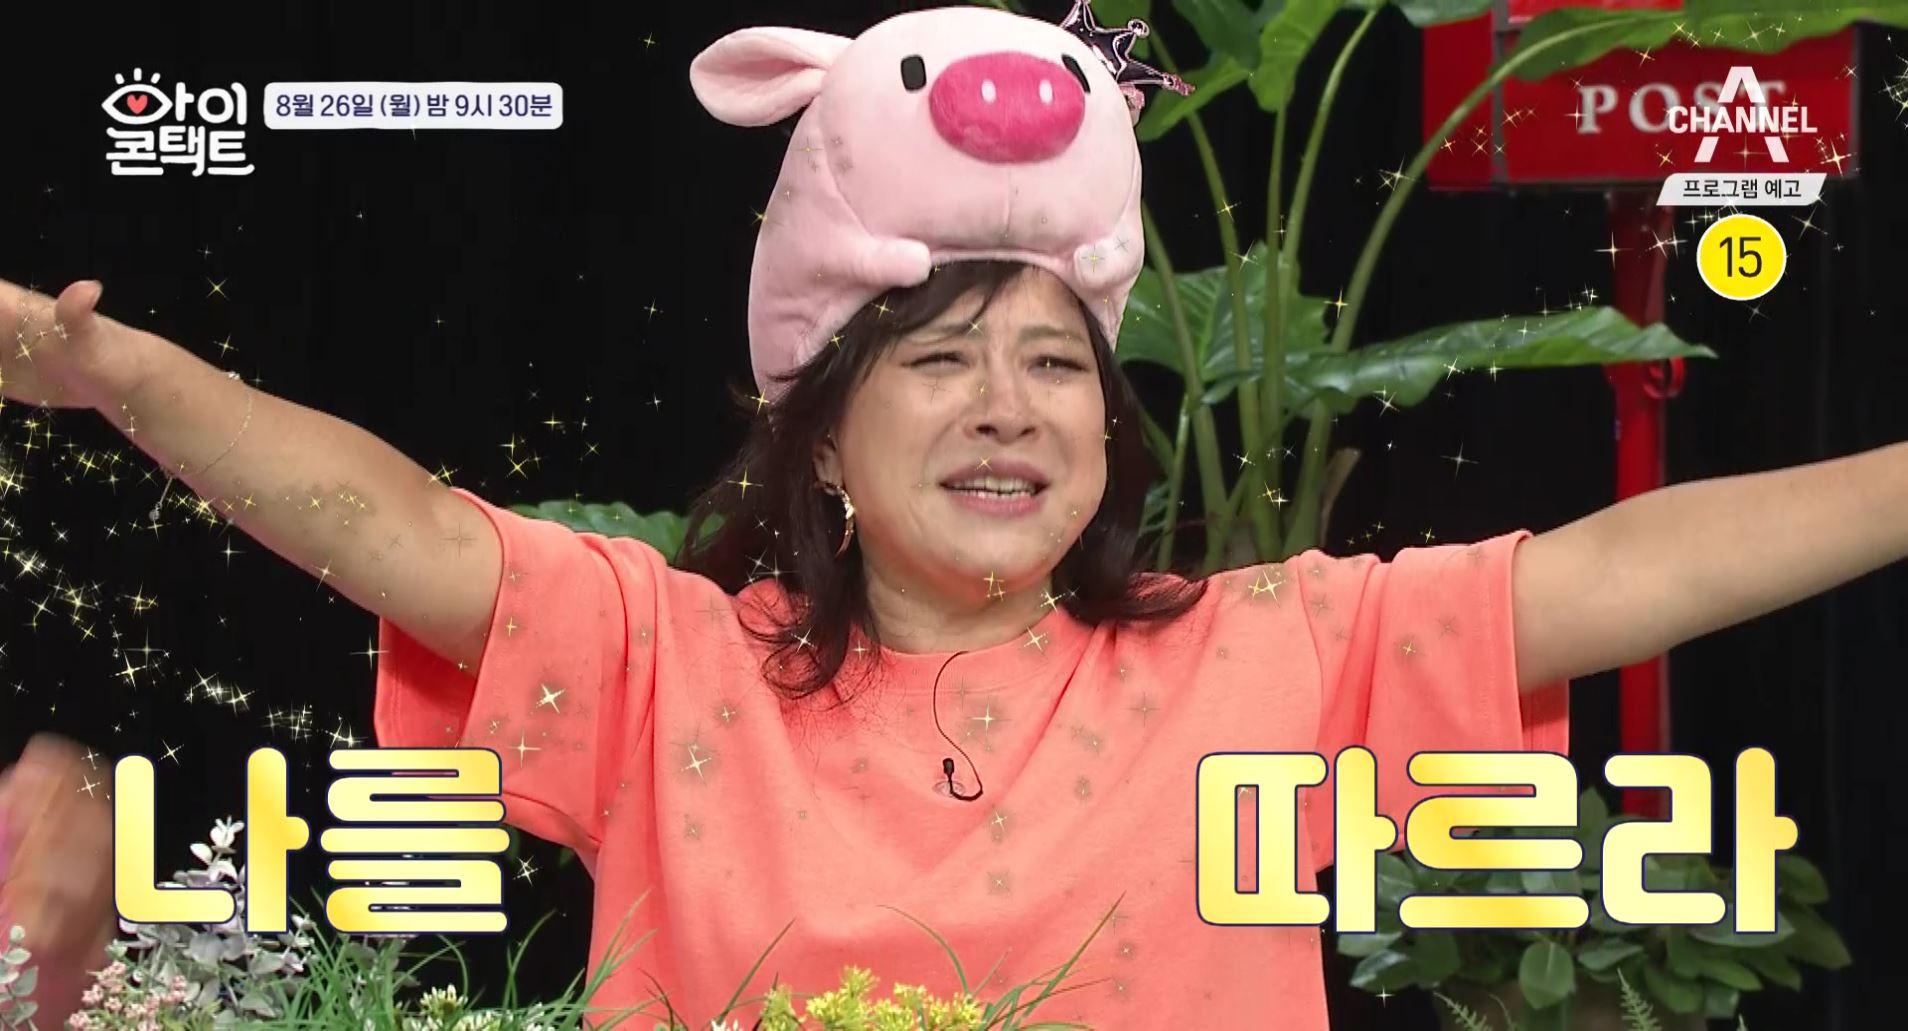 [예고] 나를 따르라! 돼지세계에는 전설과 같은 여왕님이 오신다(?) 이미지